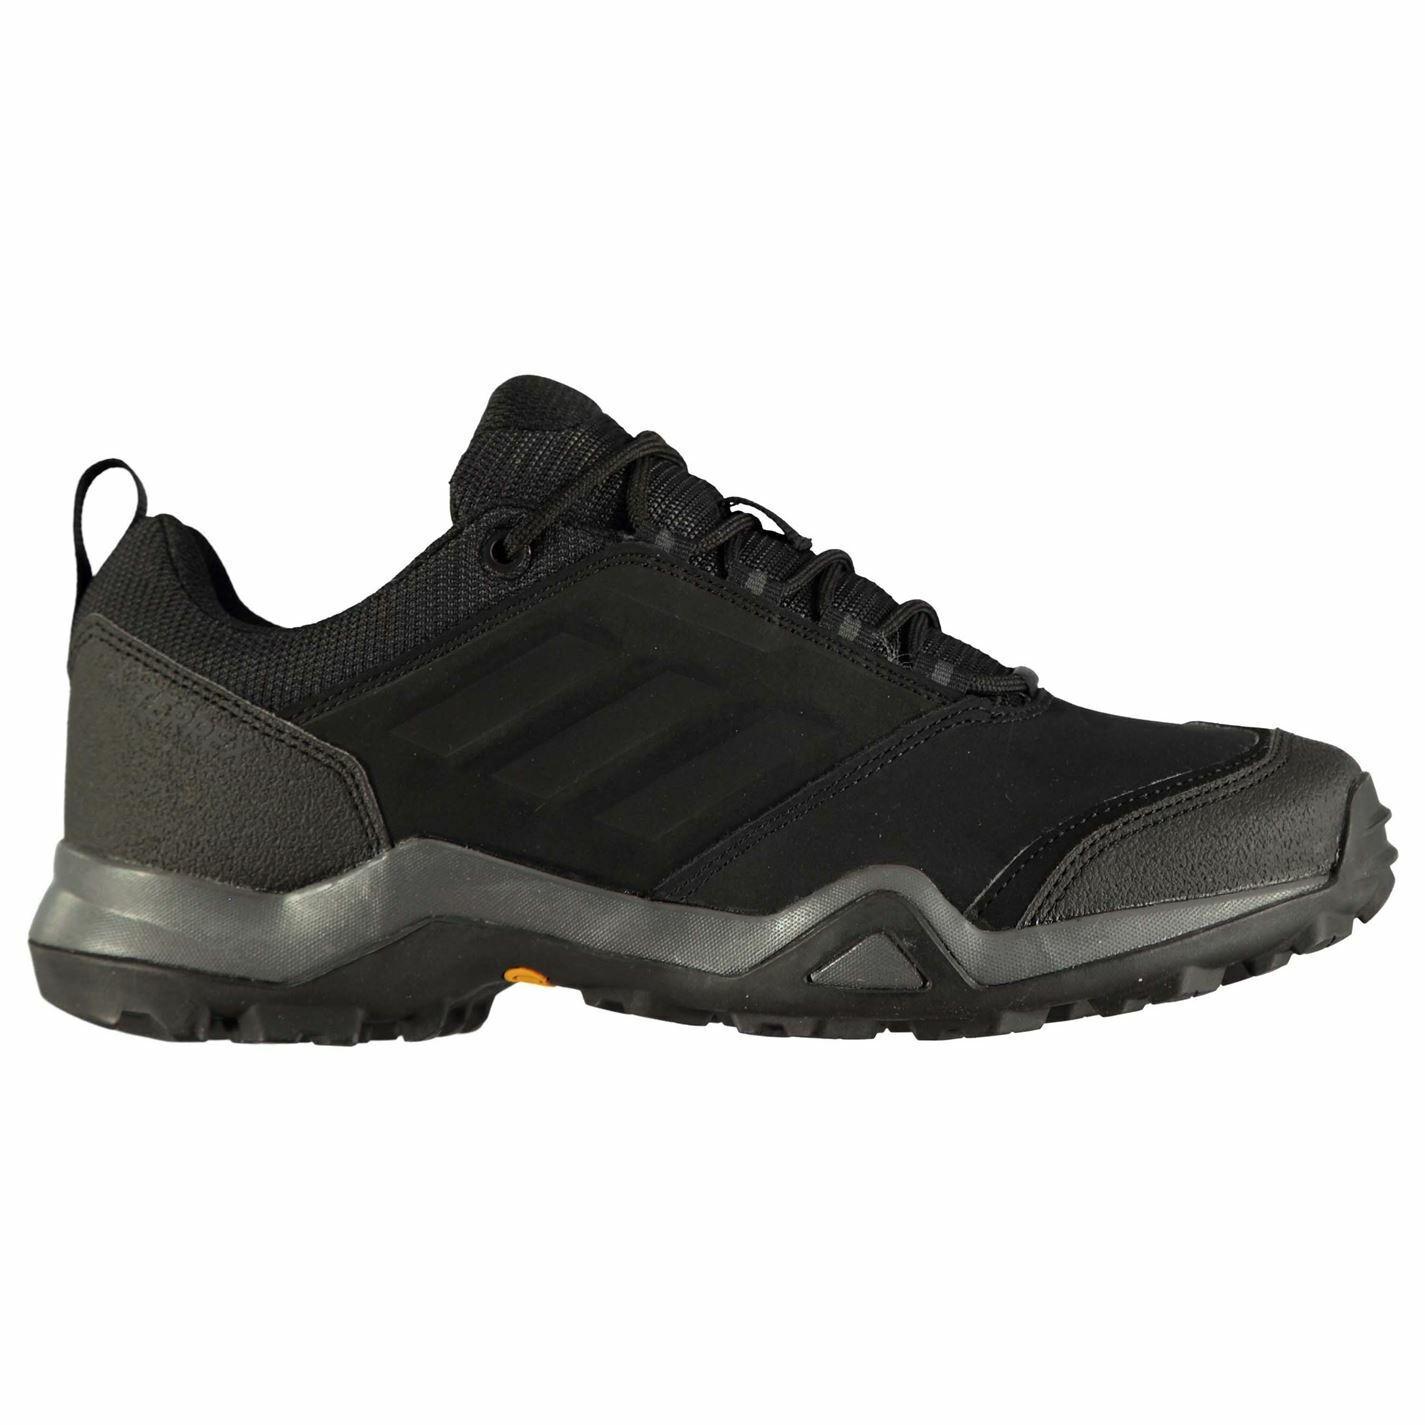 Adidas De los hombres Terrex maleza Zapatos Para  Caminar Impermeable Acolchado al tobillo con Cordones  mas preferencial